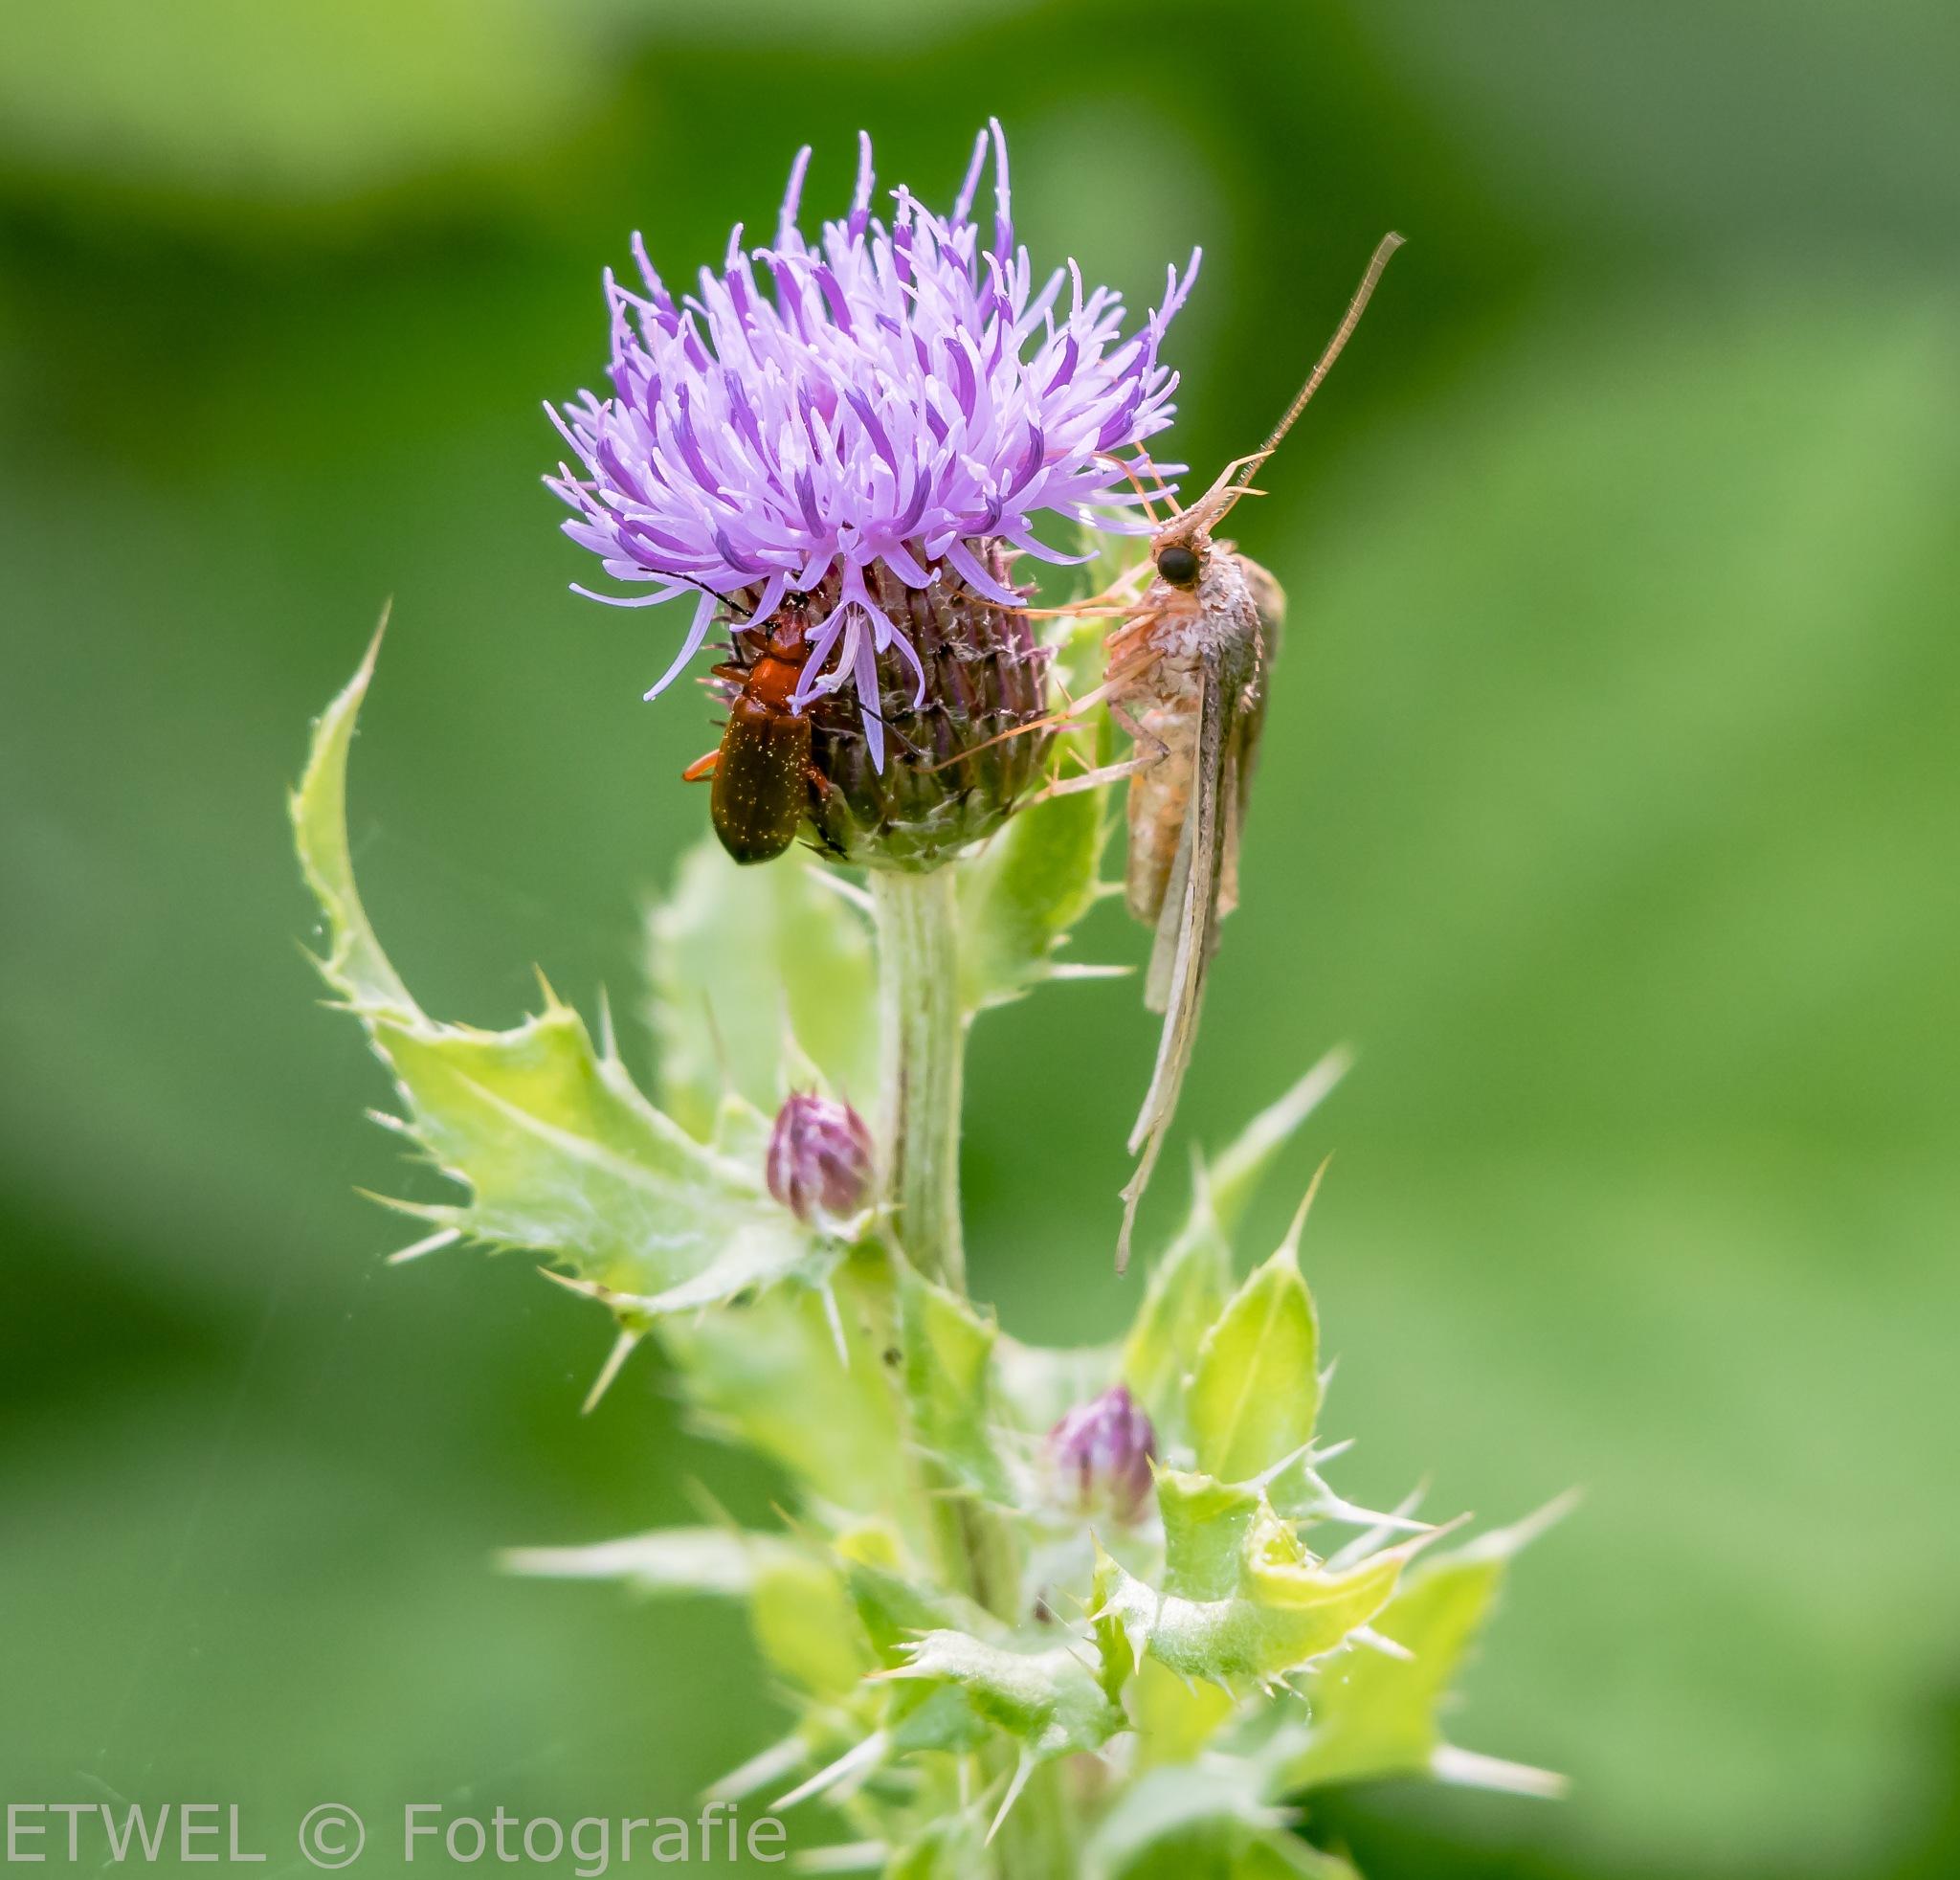 Eating together of the same flower by        ETWEL © Fotografie